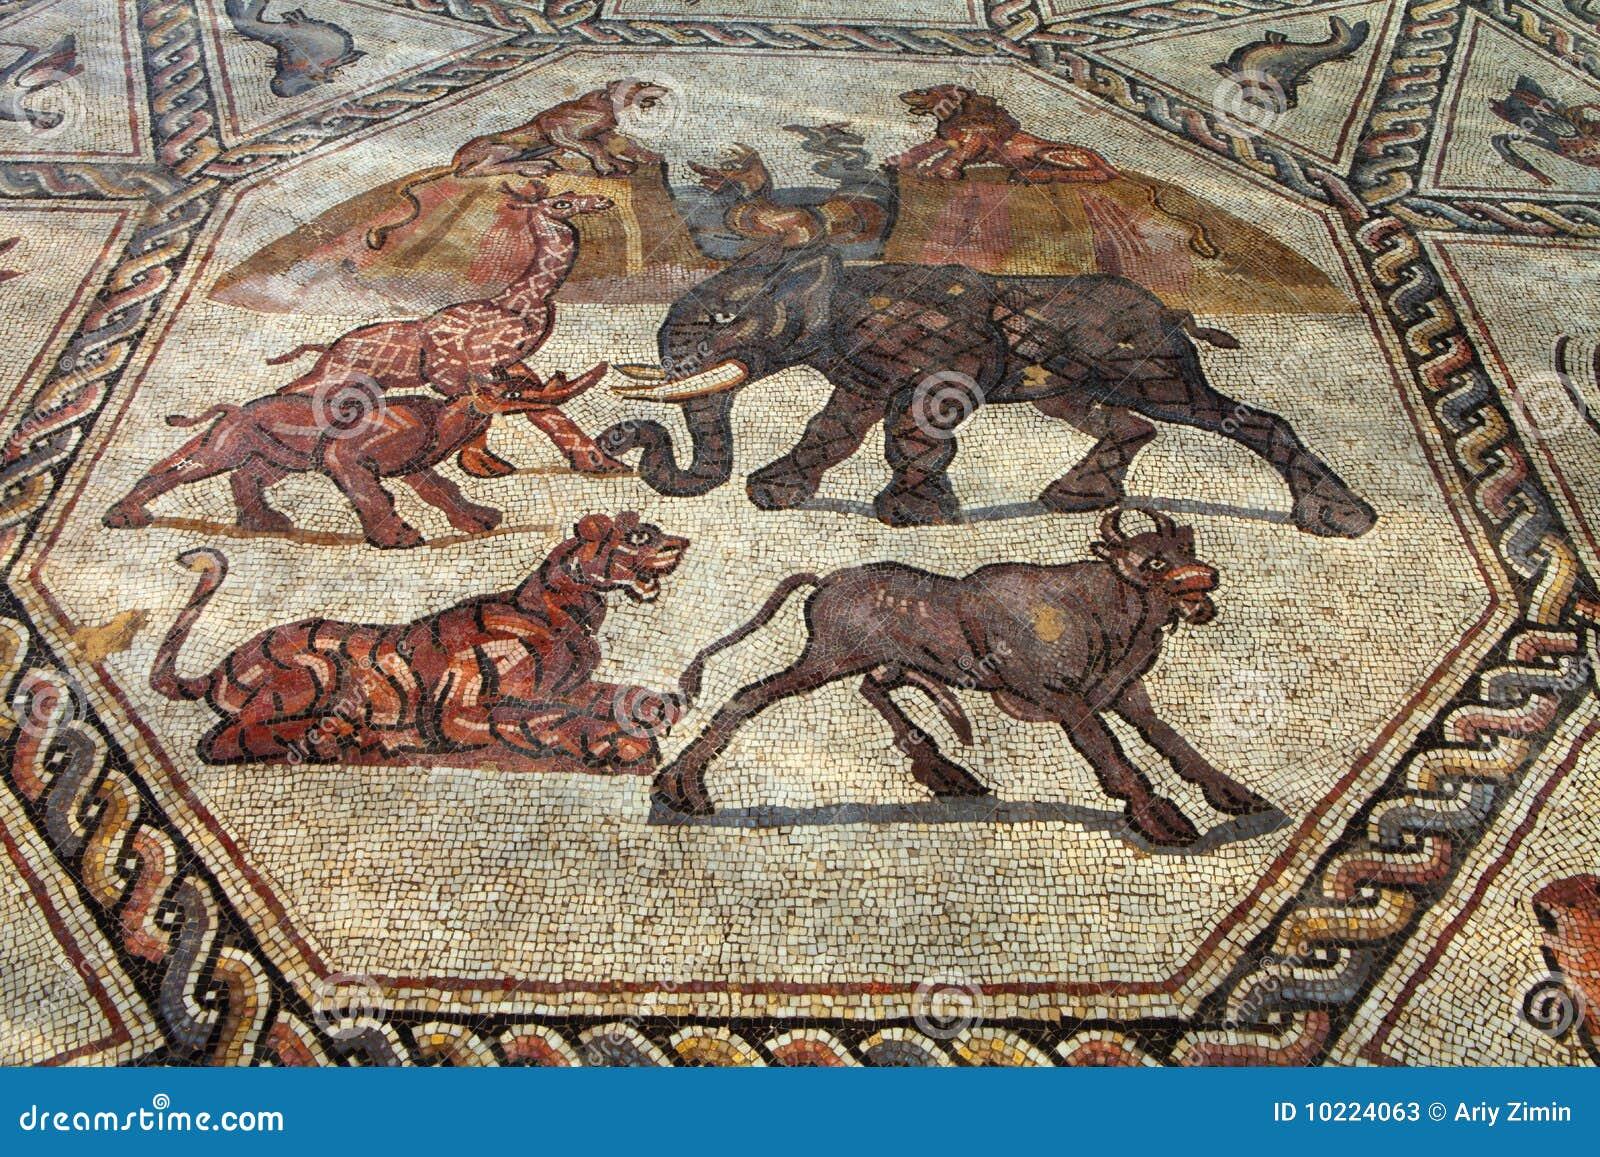 Mosaico romano fotografie stock immagine 10224063 for Mosaico romano